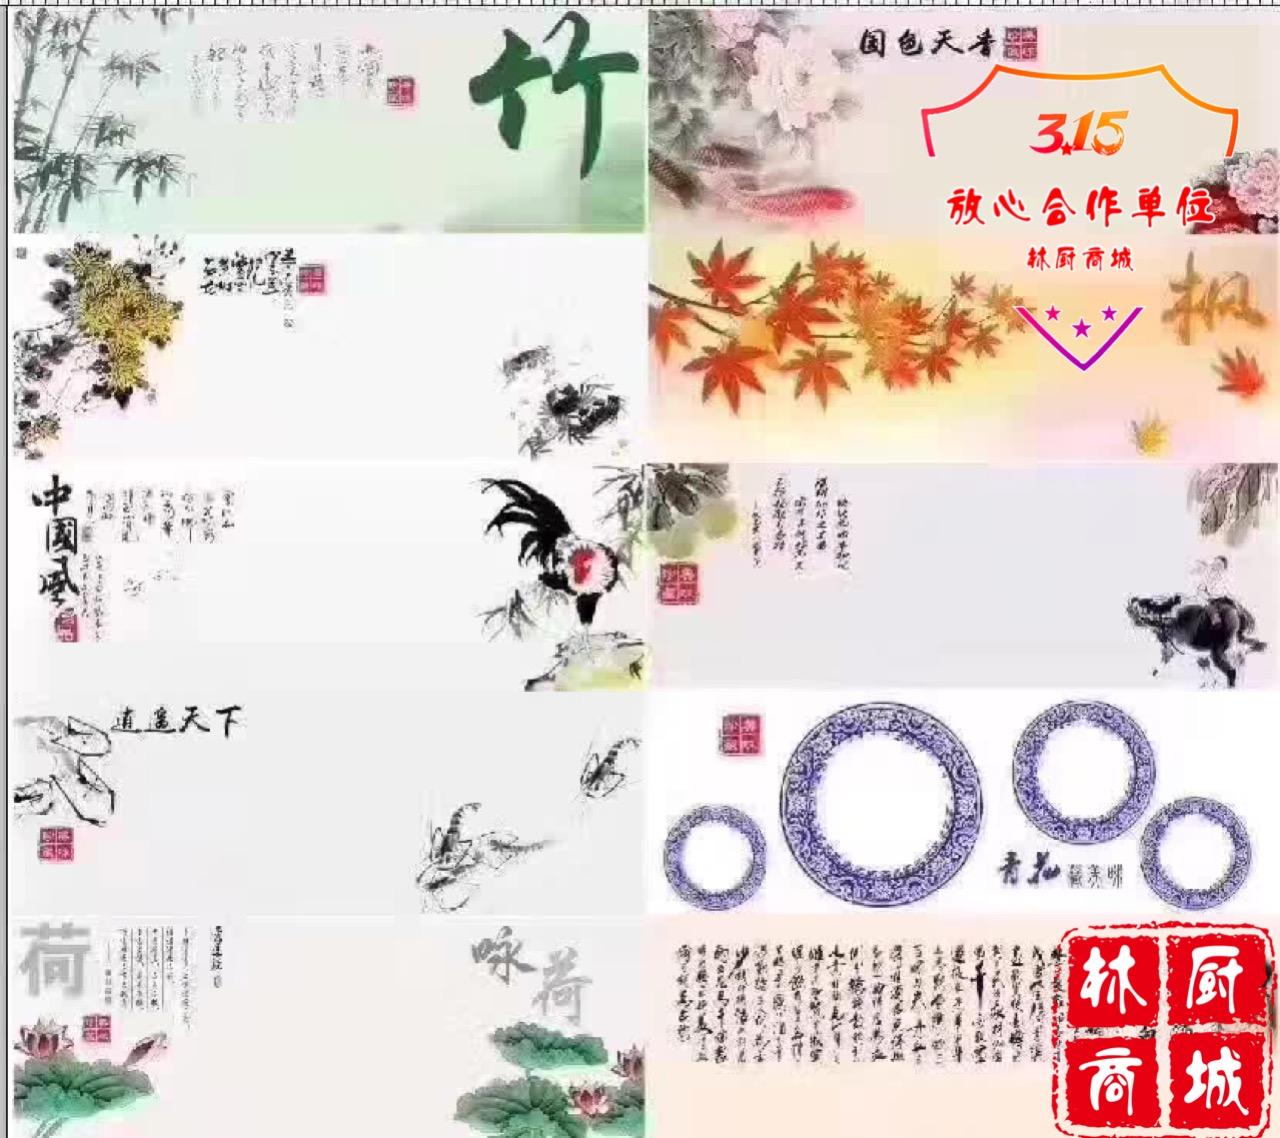 420只糯米纸蝴蝶菜品垫纸3d可食用菜肴垫纸凉菜装饰糯米纸垫纸图片